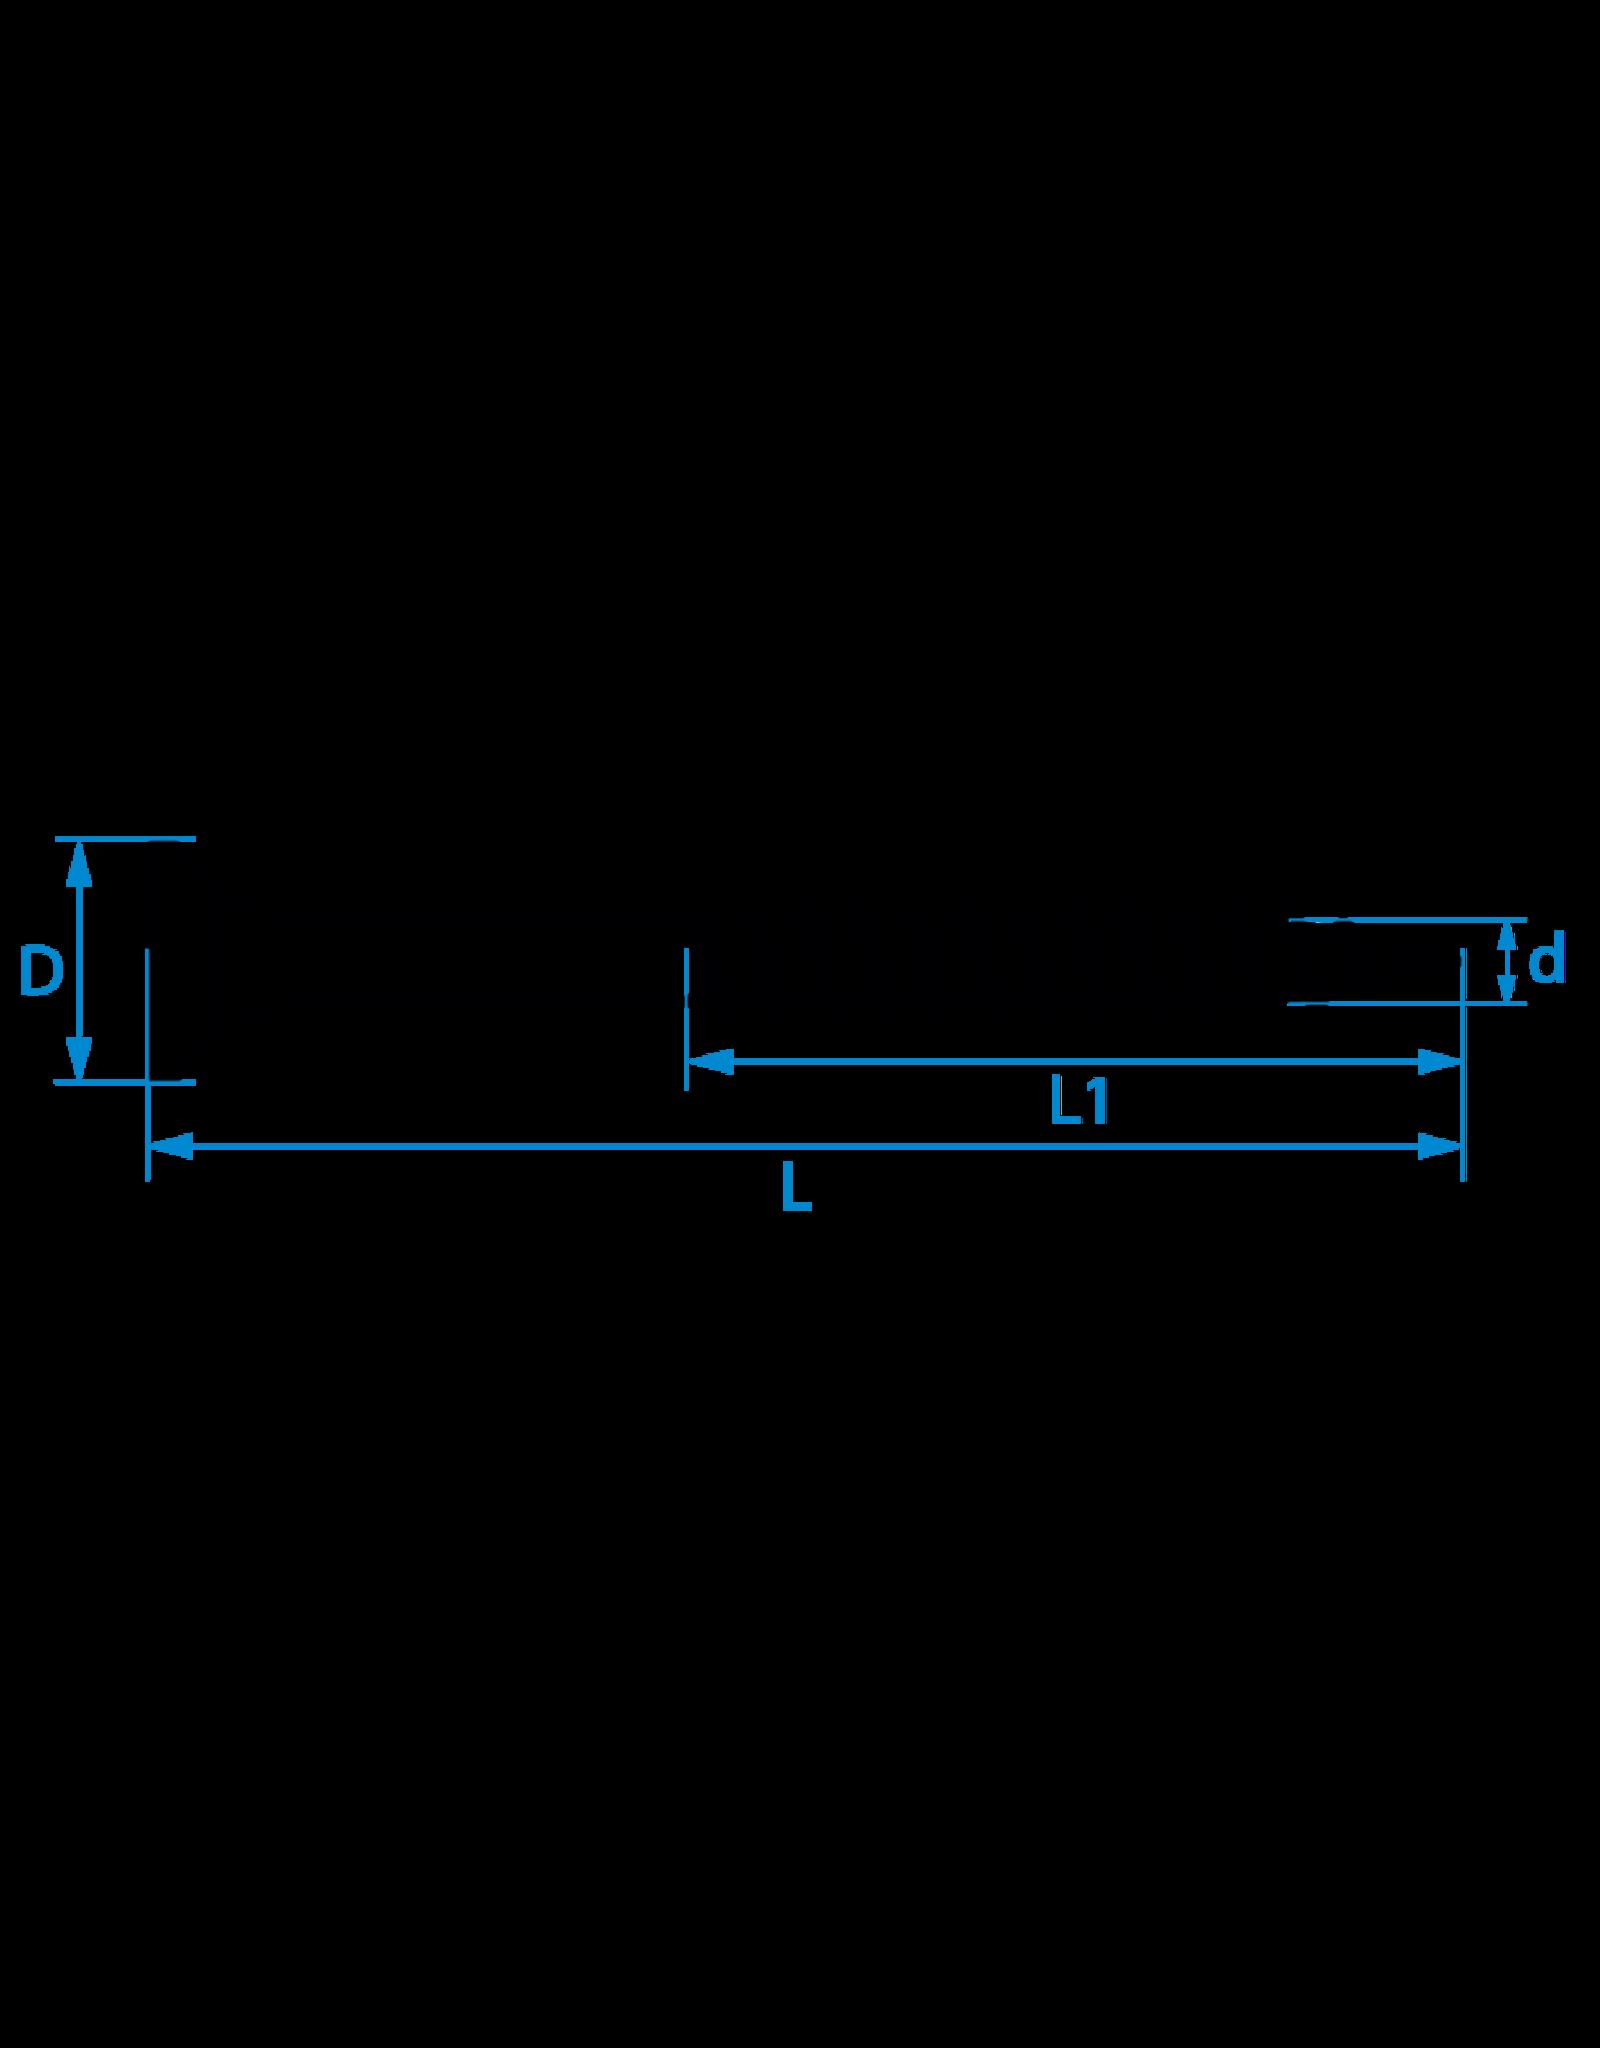 Spaanplaatschroeven platkop deeldraad 5.0x40/24 TX-25 staal gehard verzinkt per 200 stuks